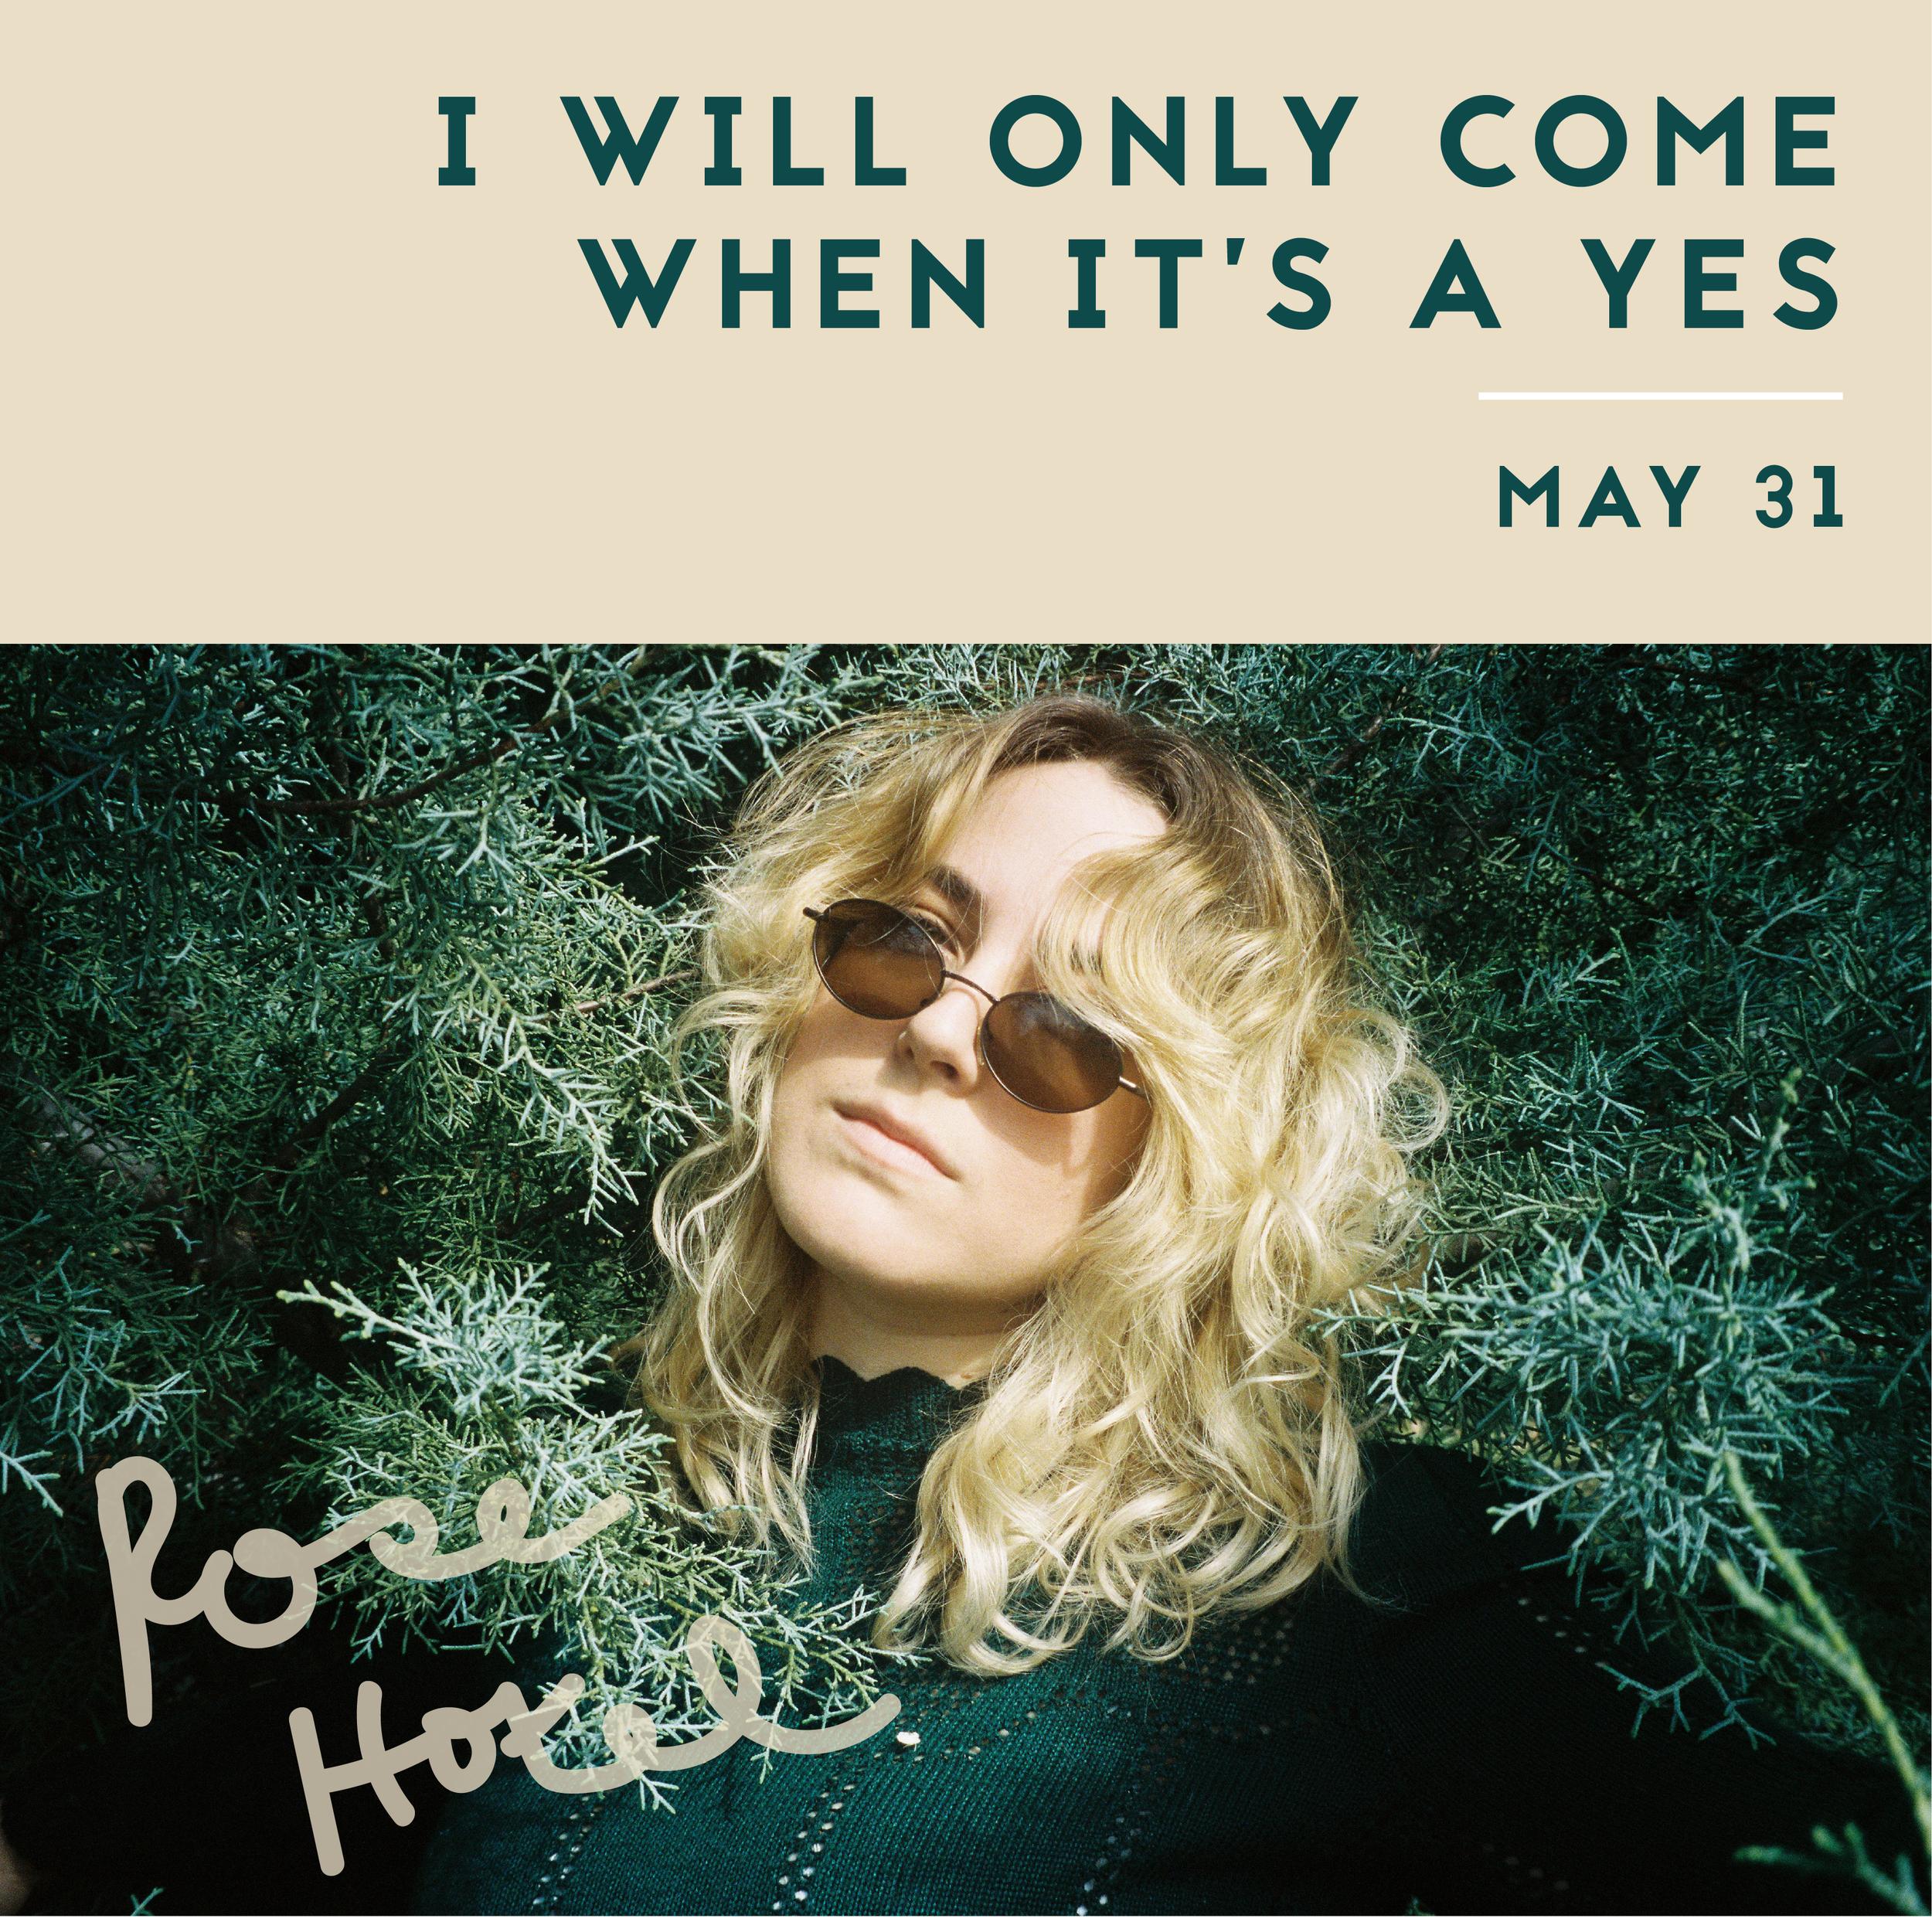 Rose Hotel: Album Announcement